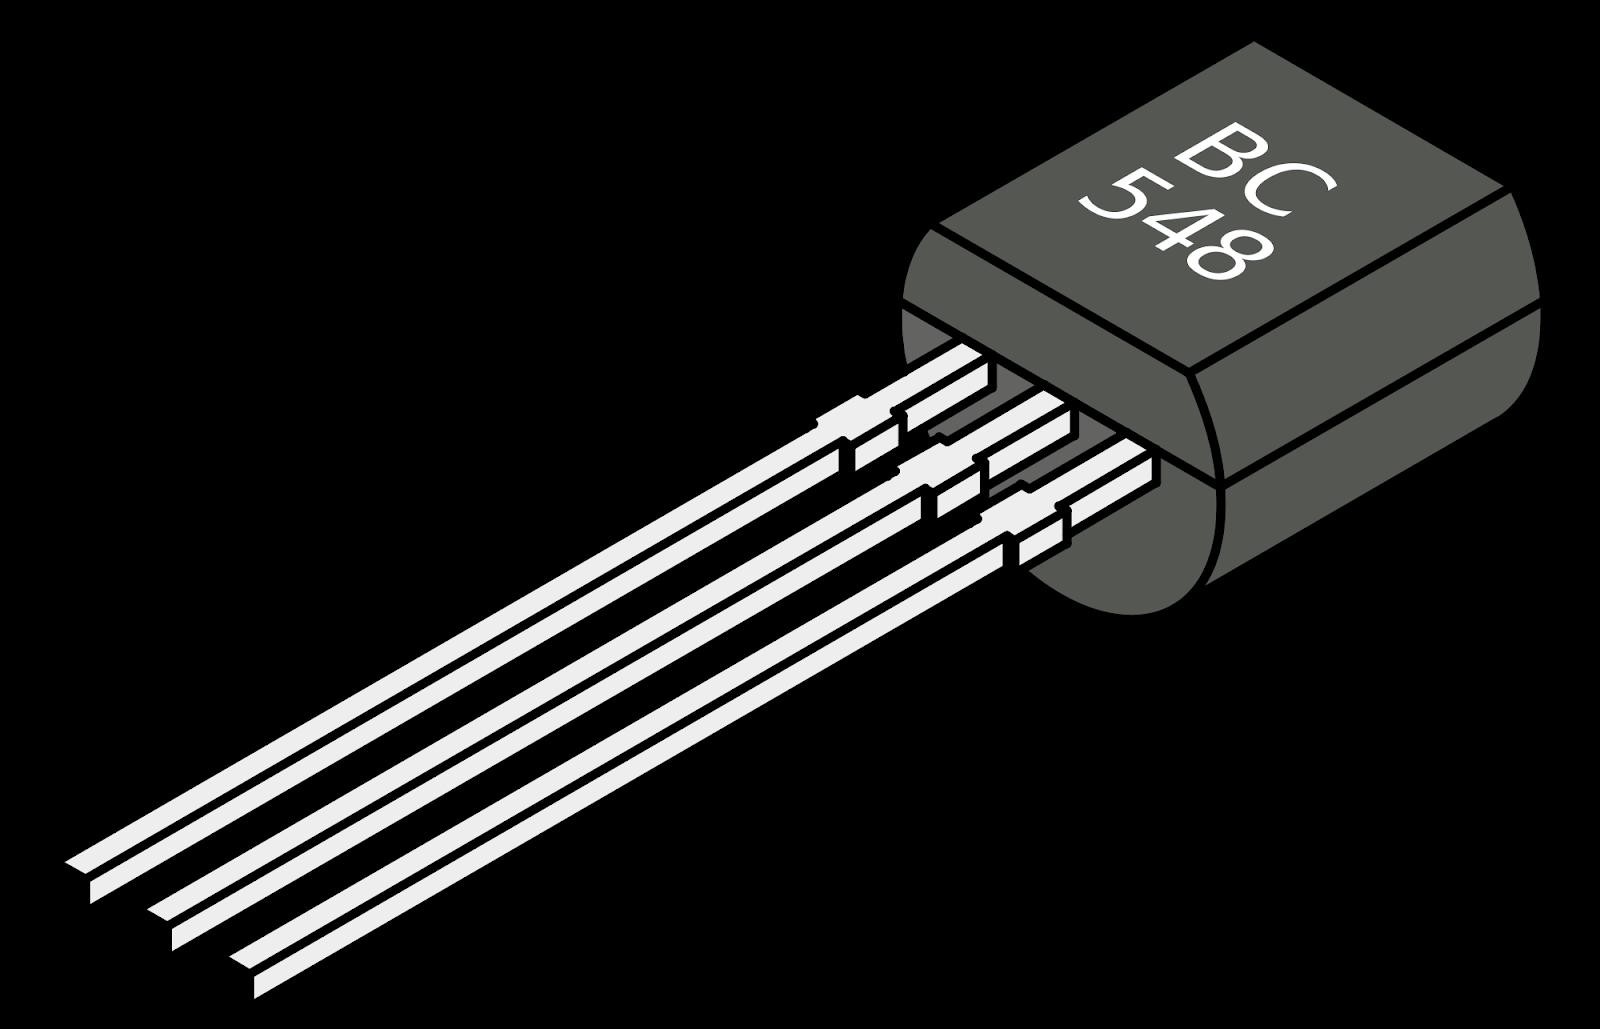 Vật liệu cấu tạo nên bóng bán dẫn có gì?